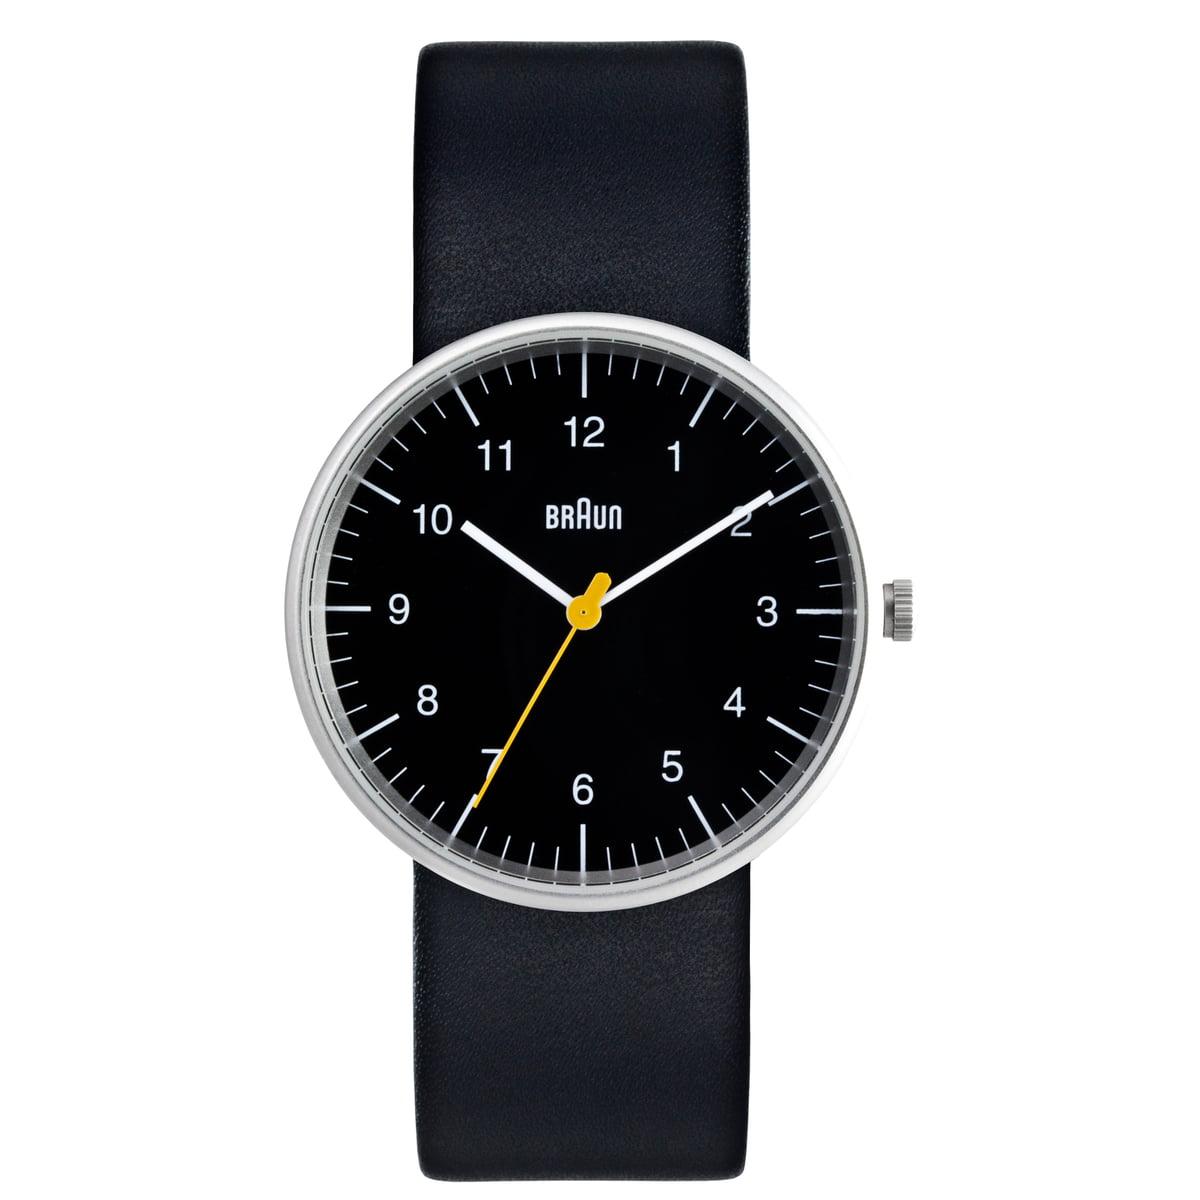 Quarz-Herrenarmbanduhr BN0021, schwarz